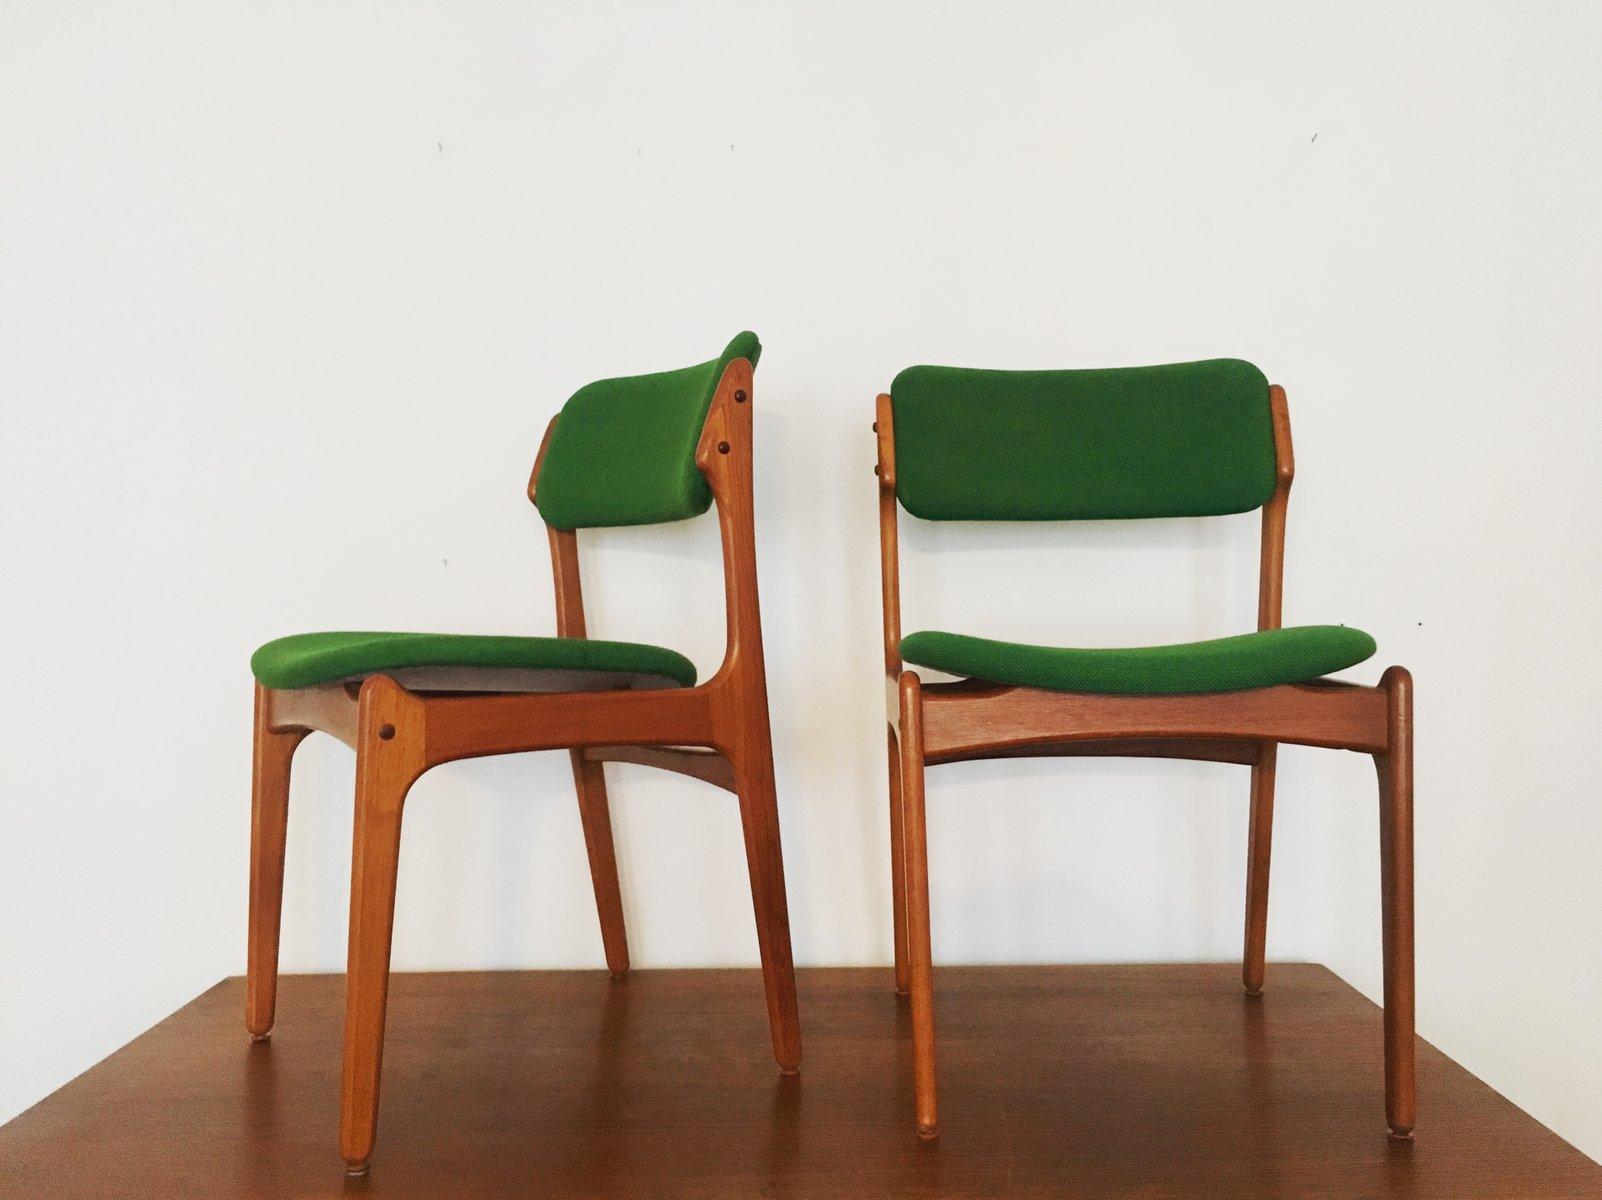 chaises en teck par erik buch pour o d mobler danemark 1960s set de 6 4 Résultat Supérieur 60 Beau Lampe De Bureau Vintage Photos 2018 Lok9